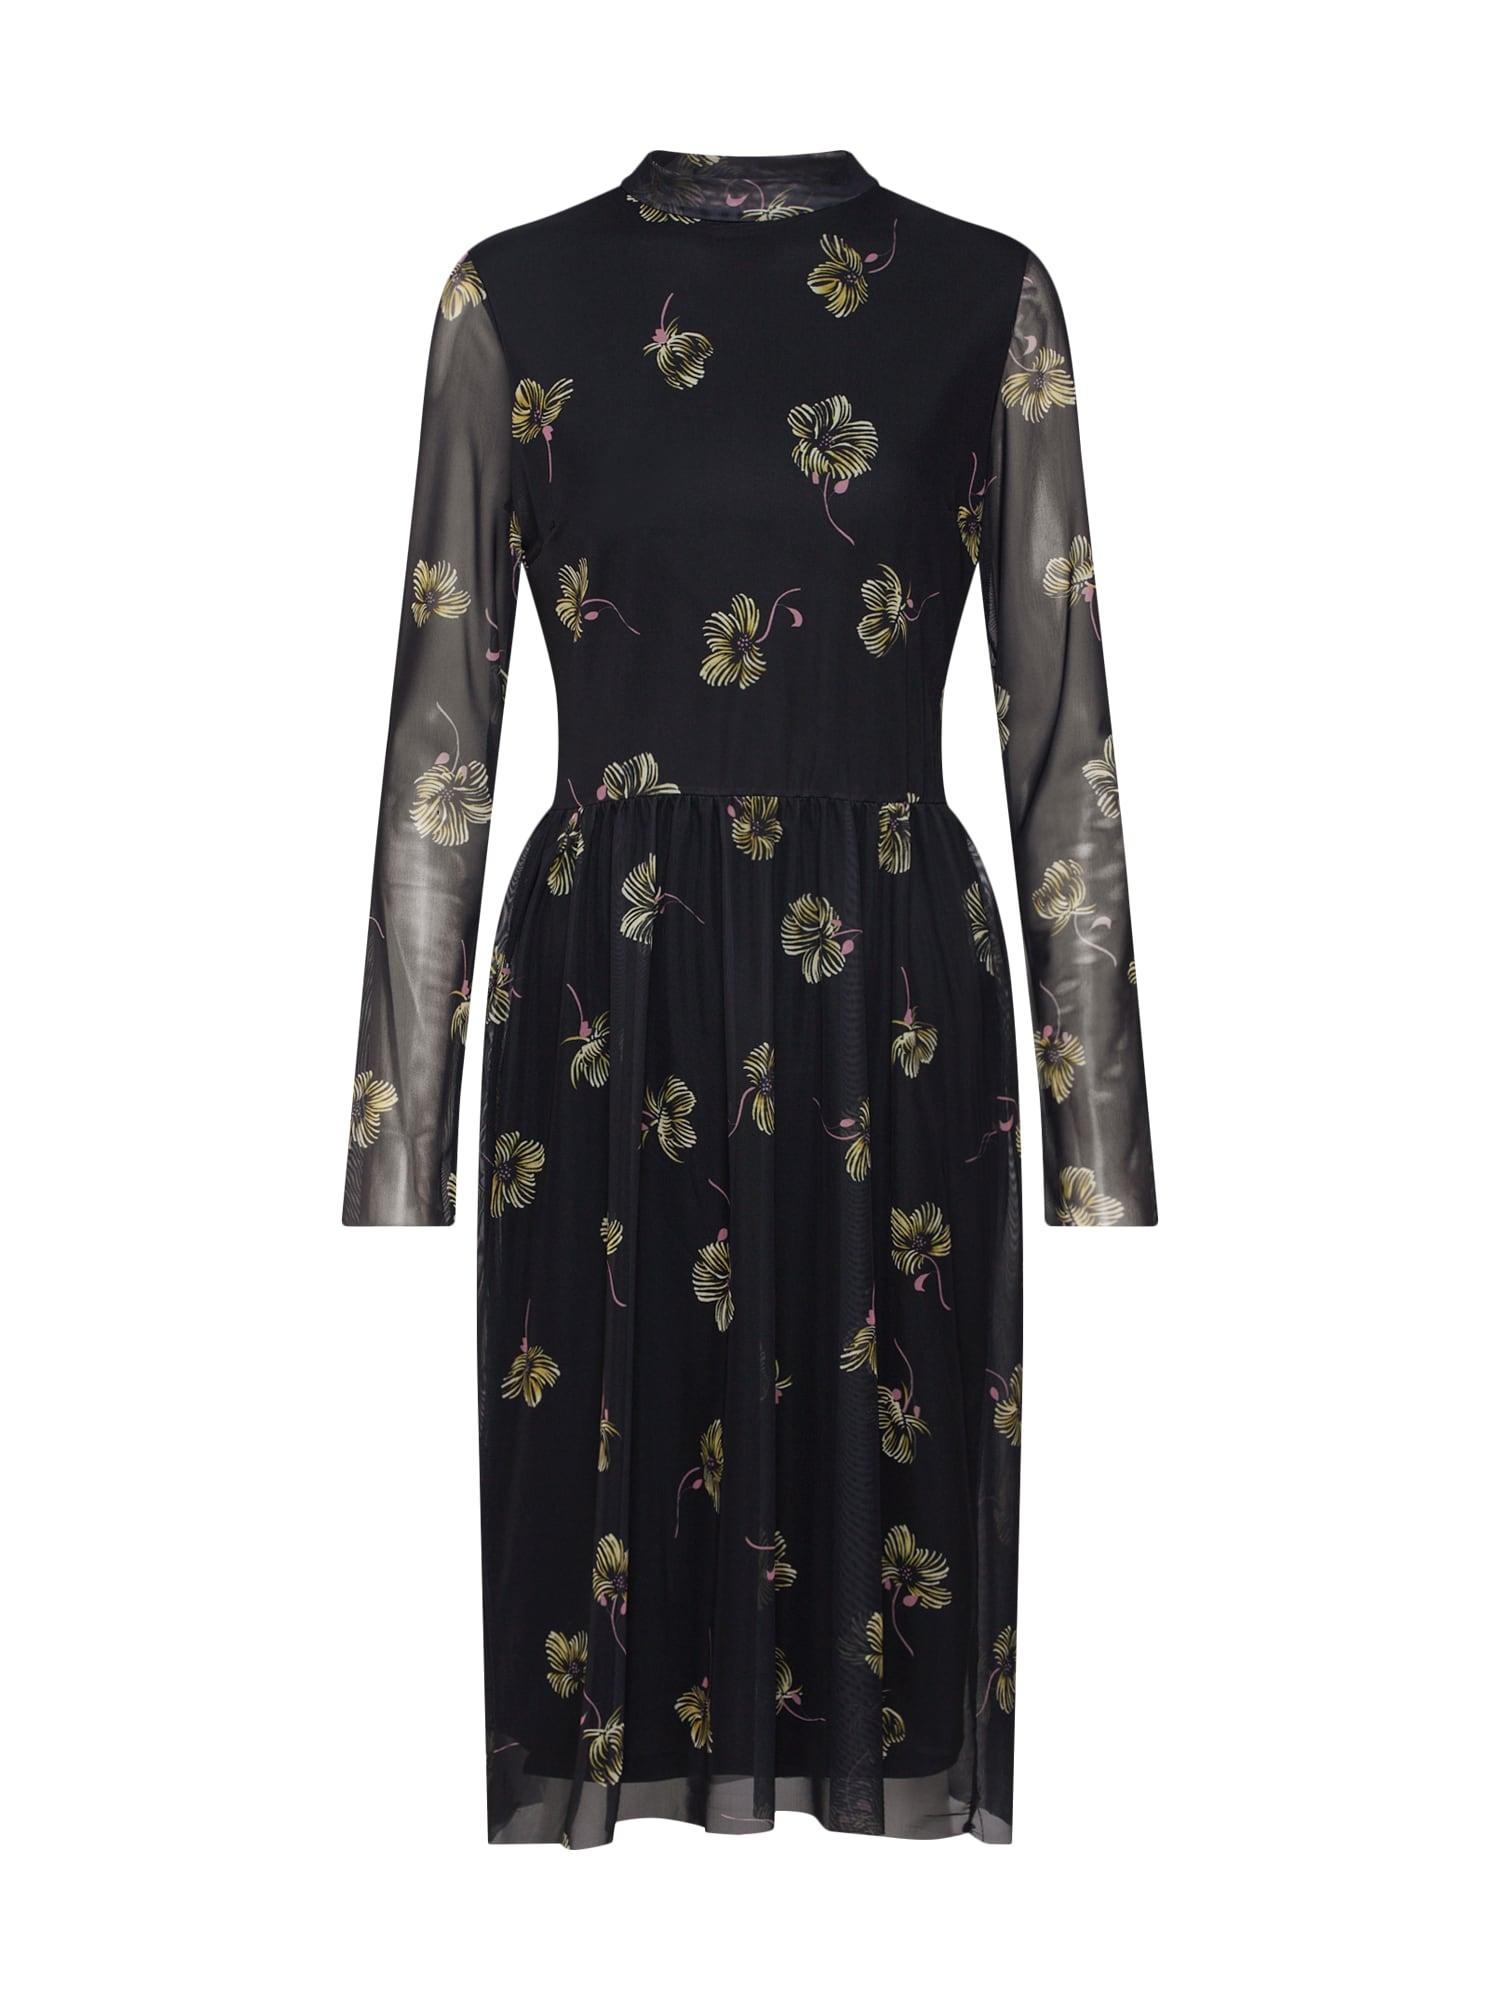 Letní šaty Sonnet Dress LS černá SOAKED IN LUXURY